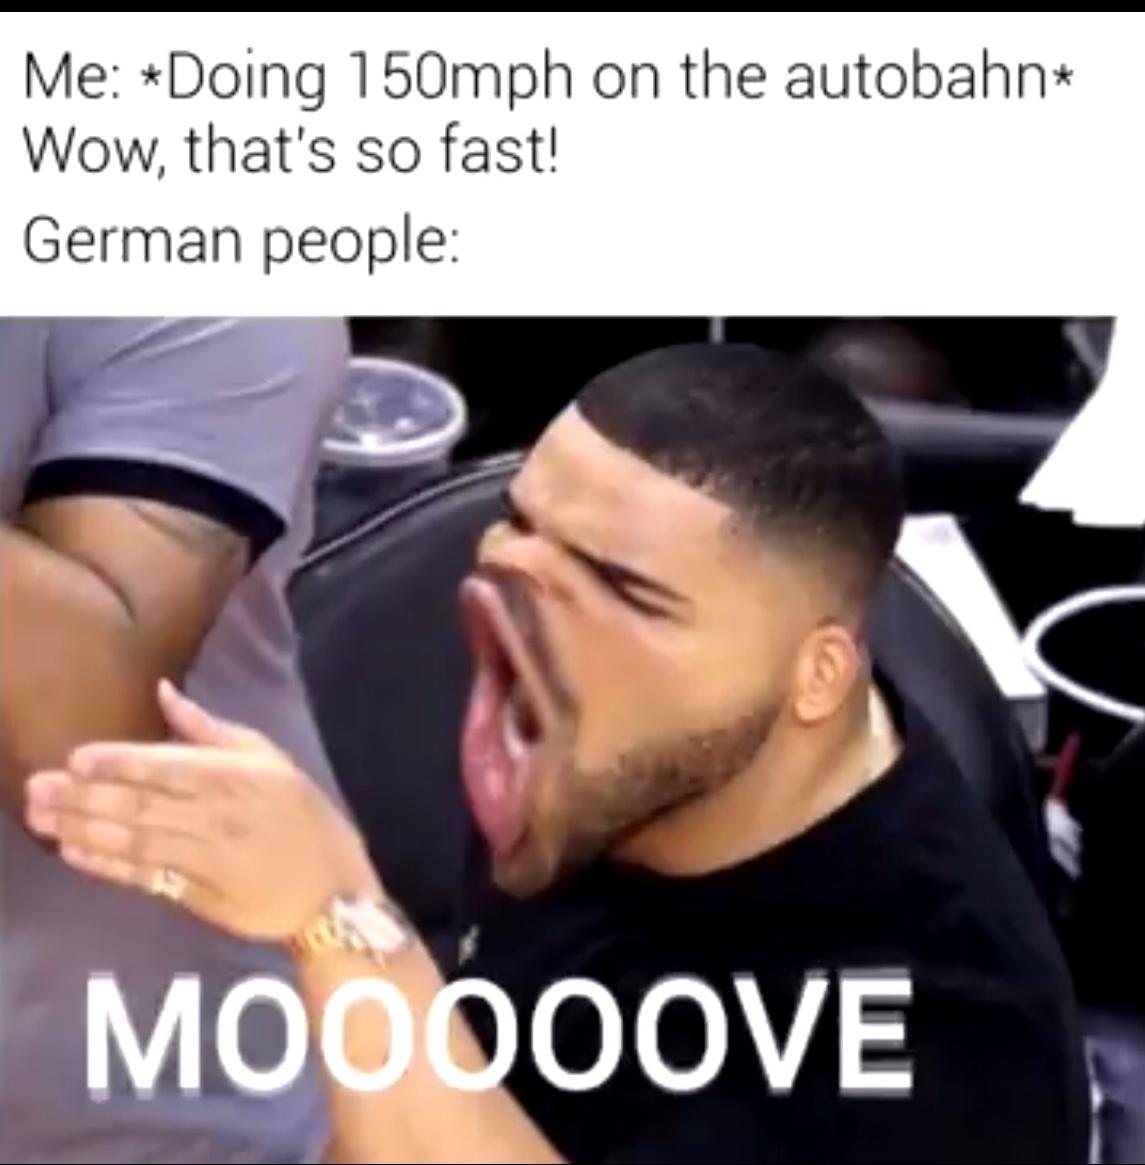 MOOOOOVE - meme